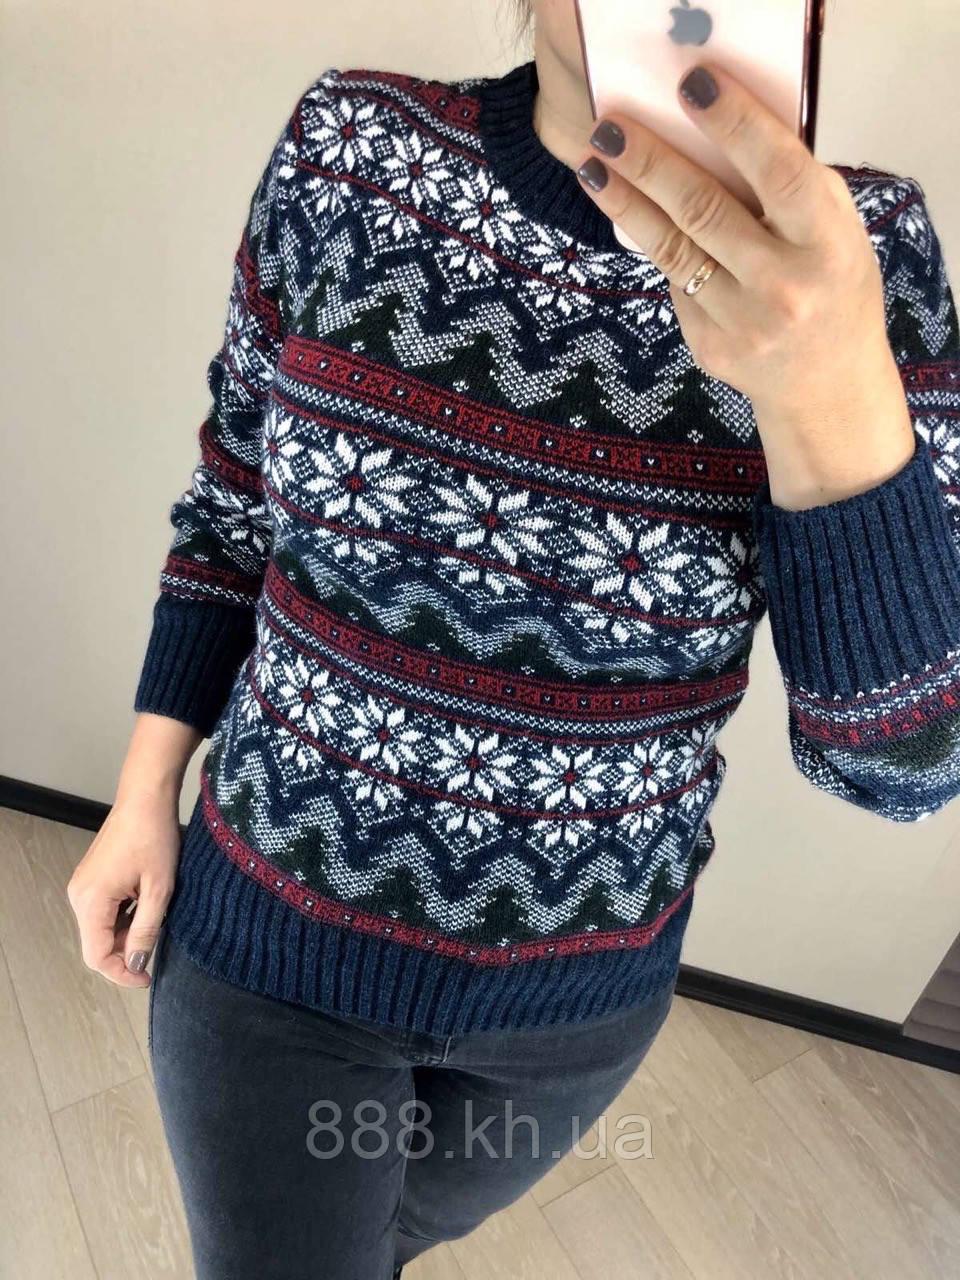 Красивый шерстяной праздничный женский свитер со снежинками (вязка)